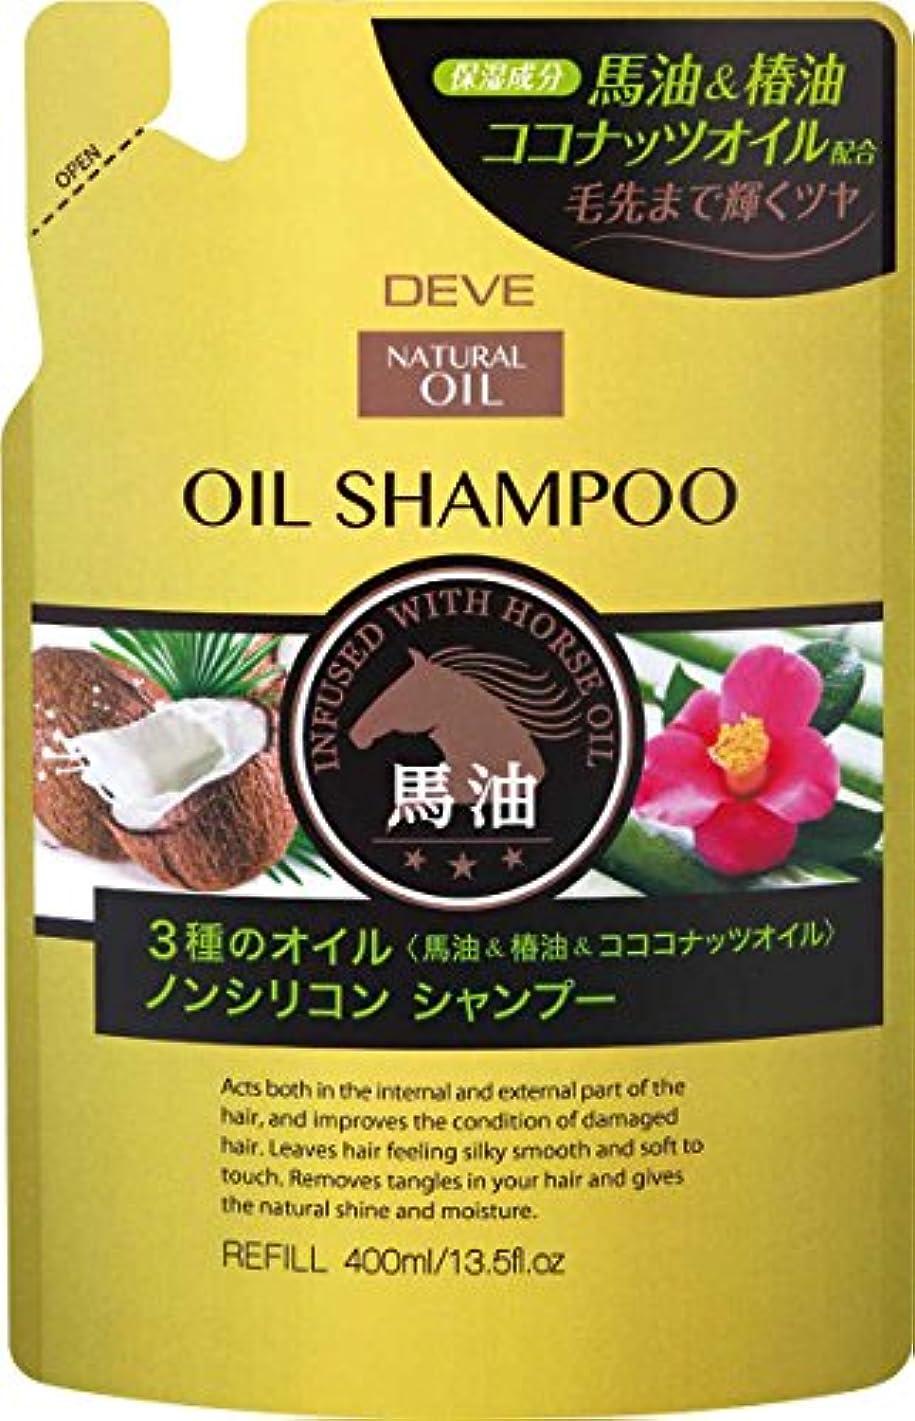 知恵ブラウザ船上熊野油脂 ディブ 3種のオイルシャンプー(馬油?椿油?ココナッツオイル)400ml